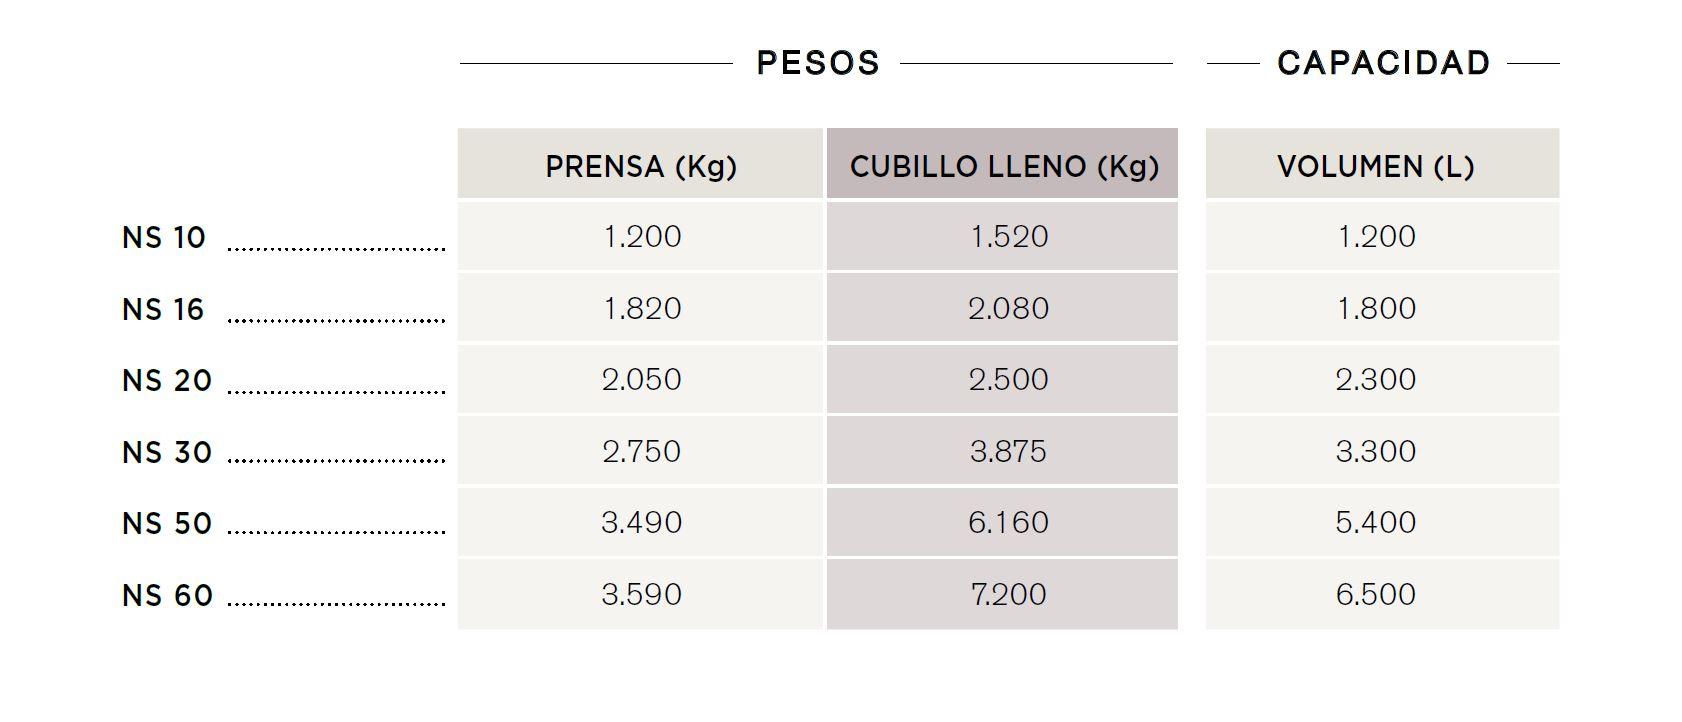 pesos prensas